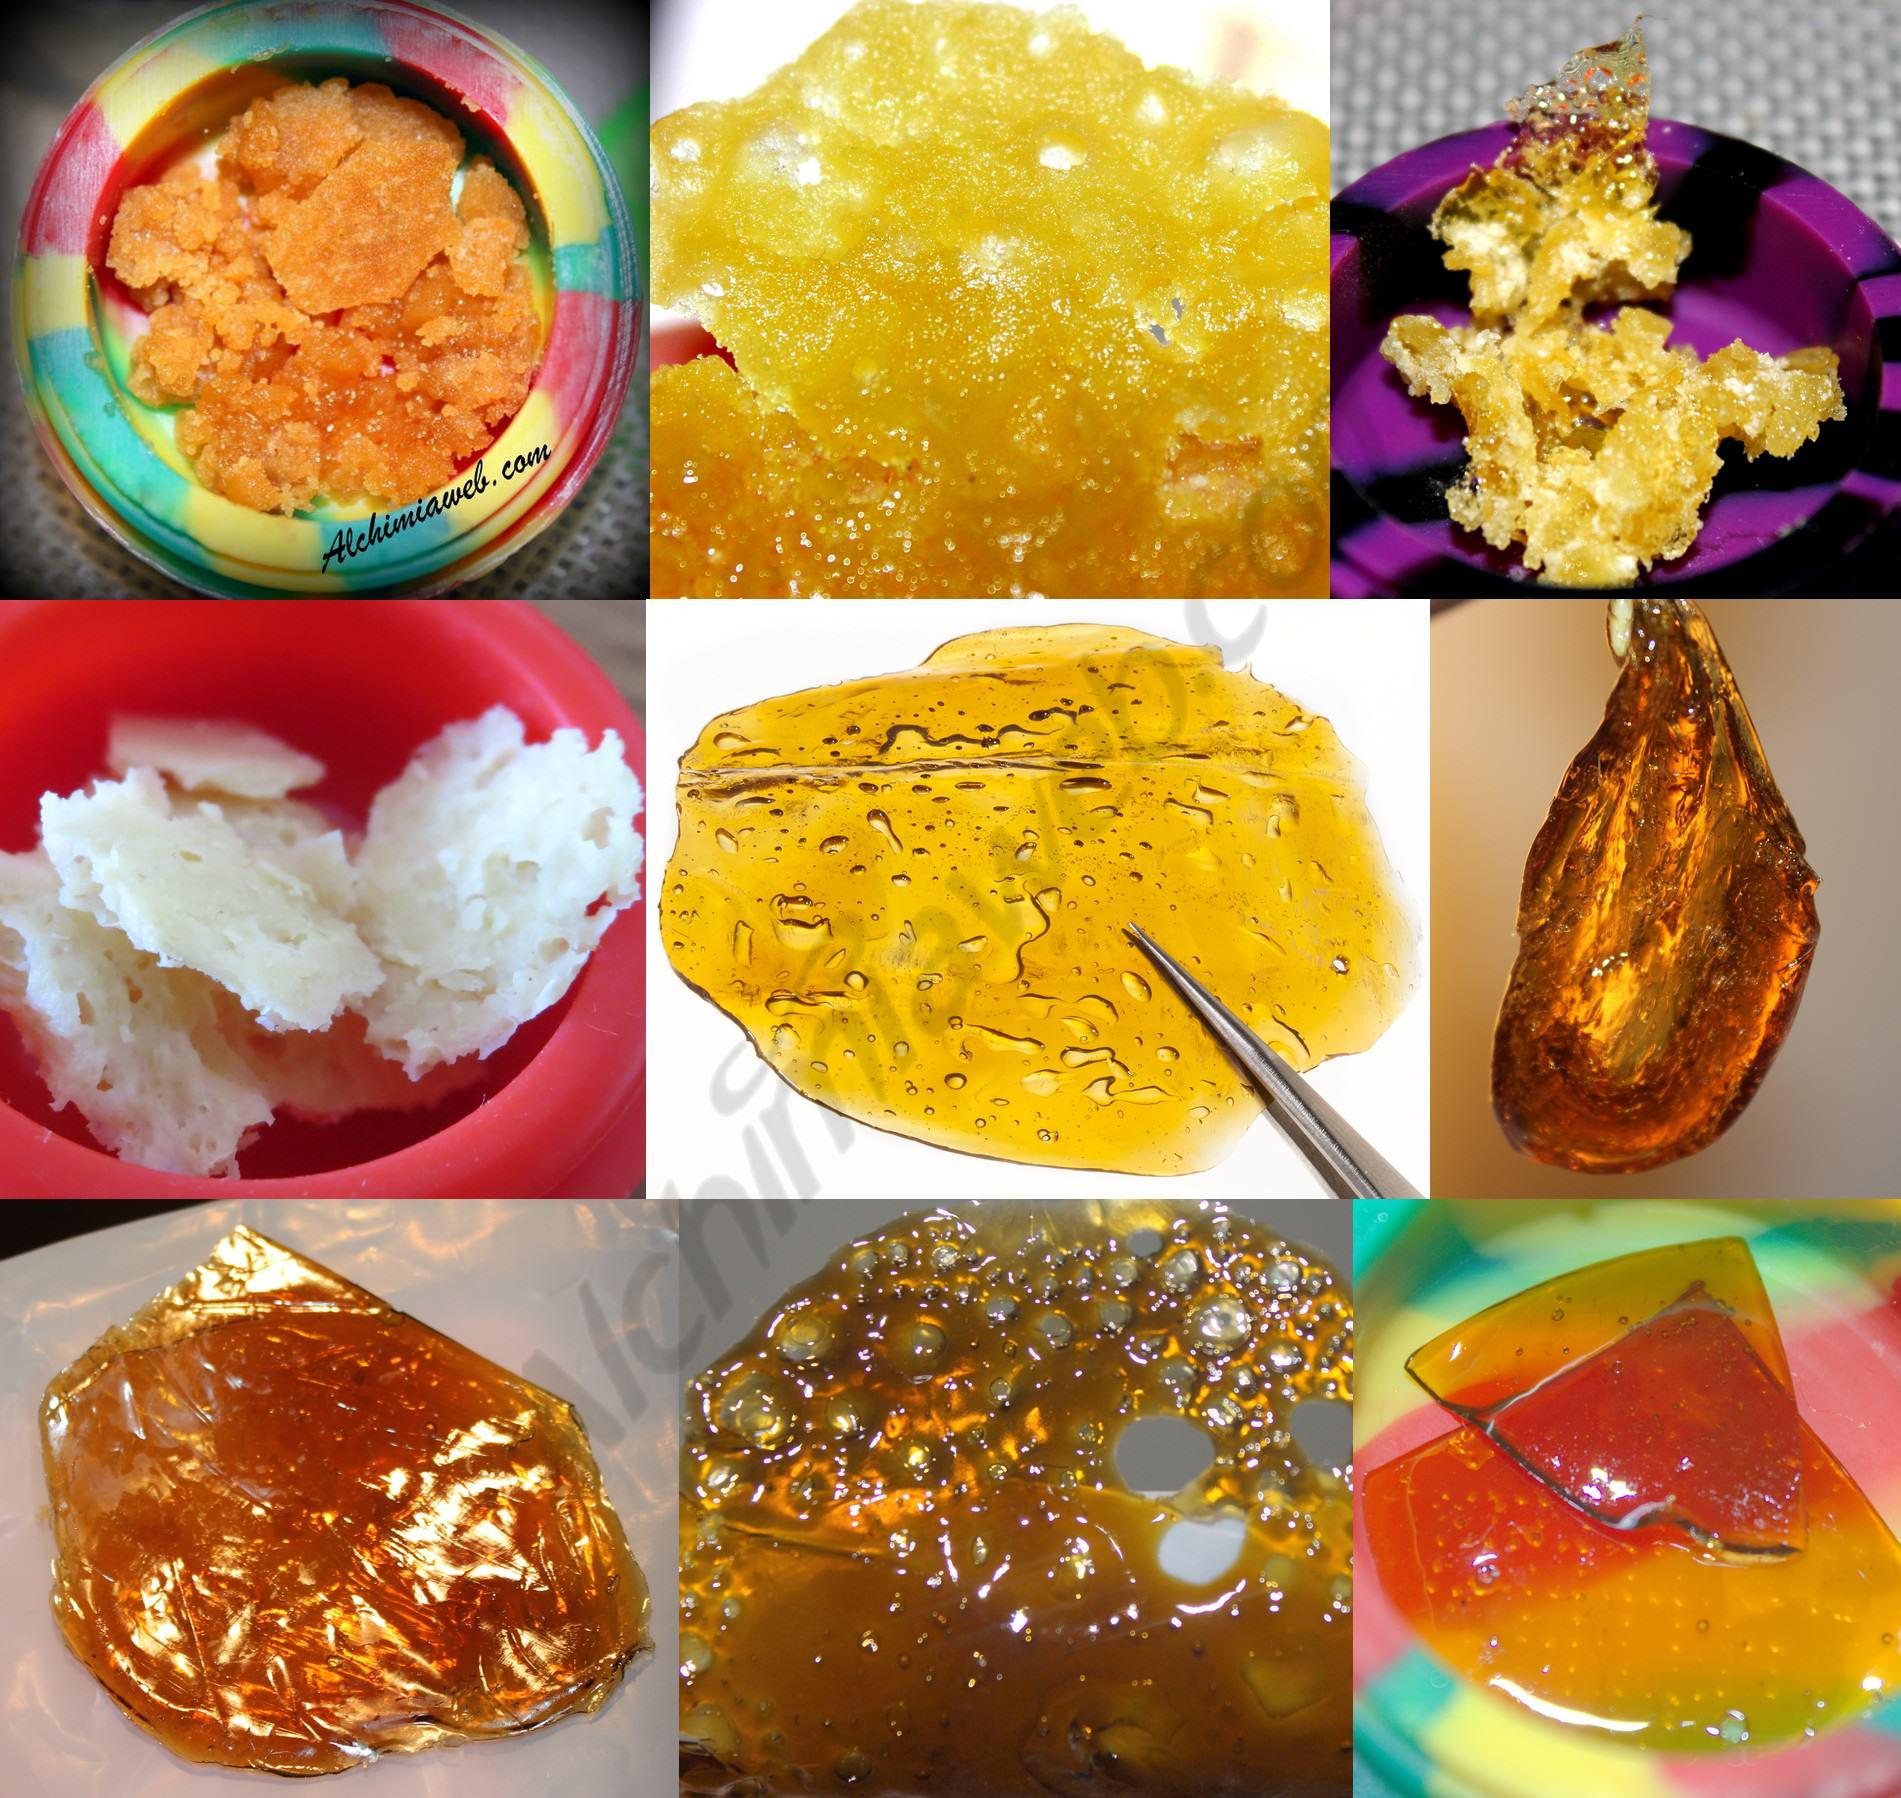 Diferents textures i colors d'oli de marihuana BHO